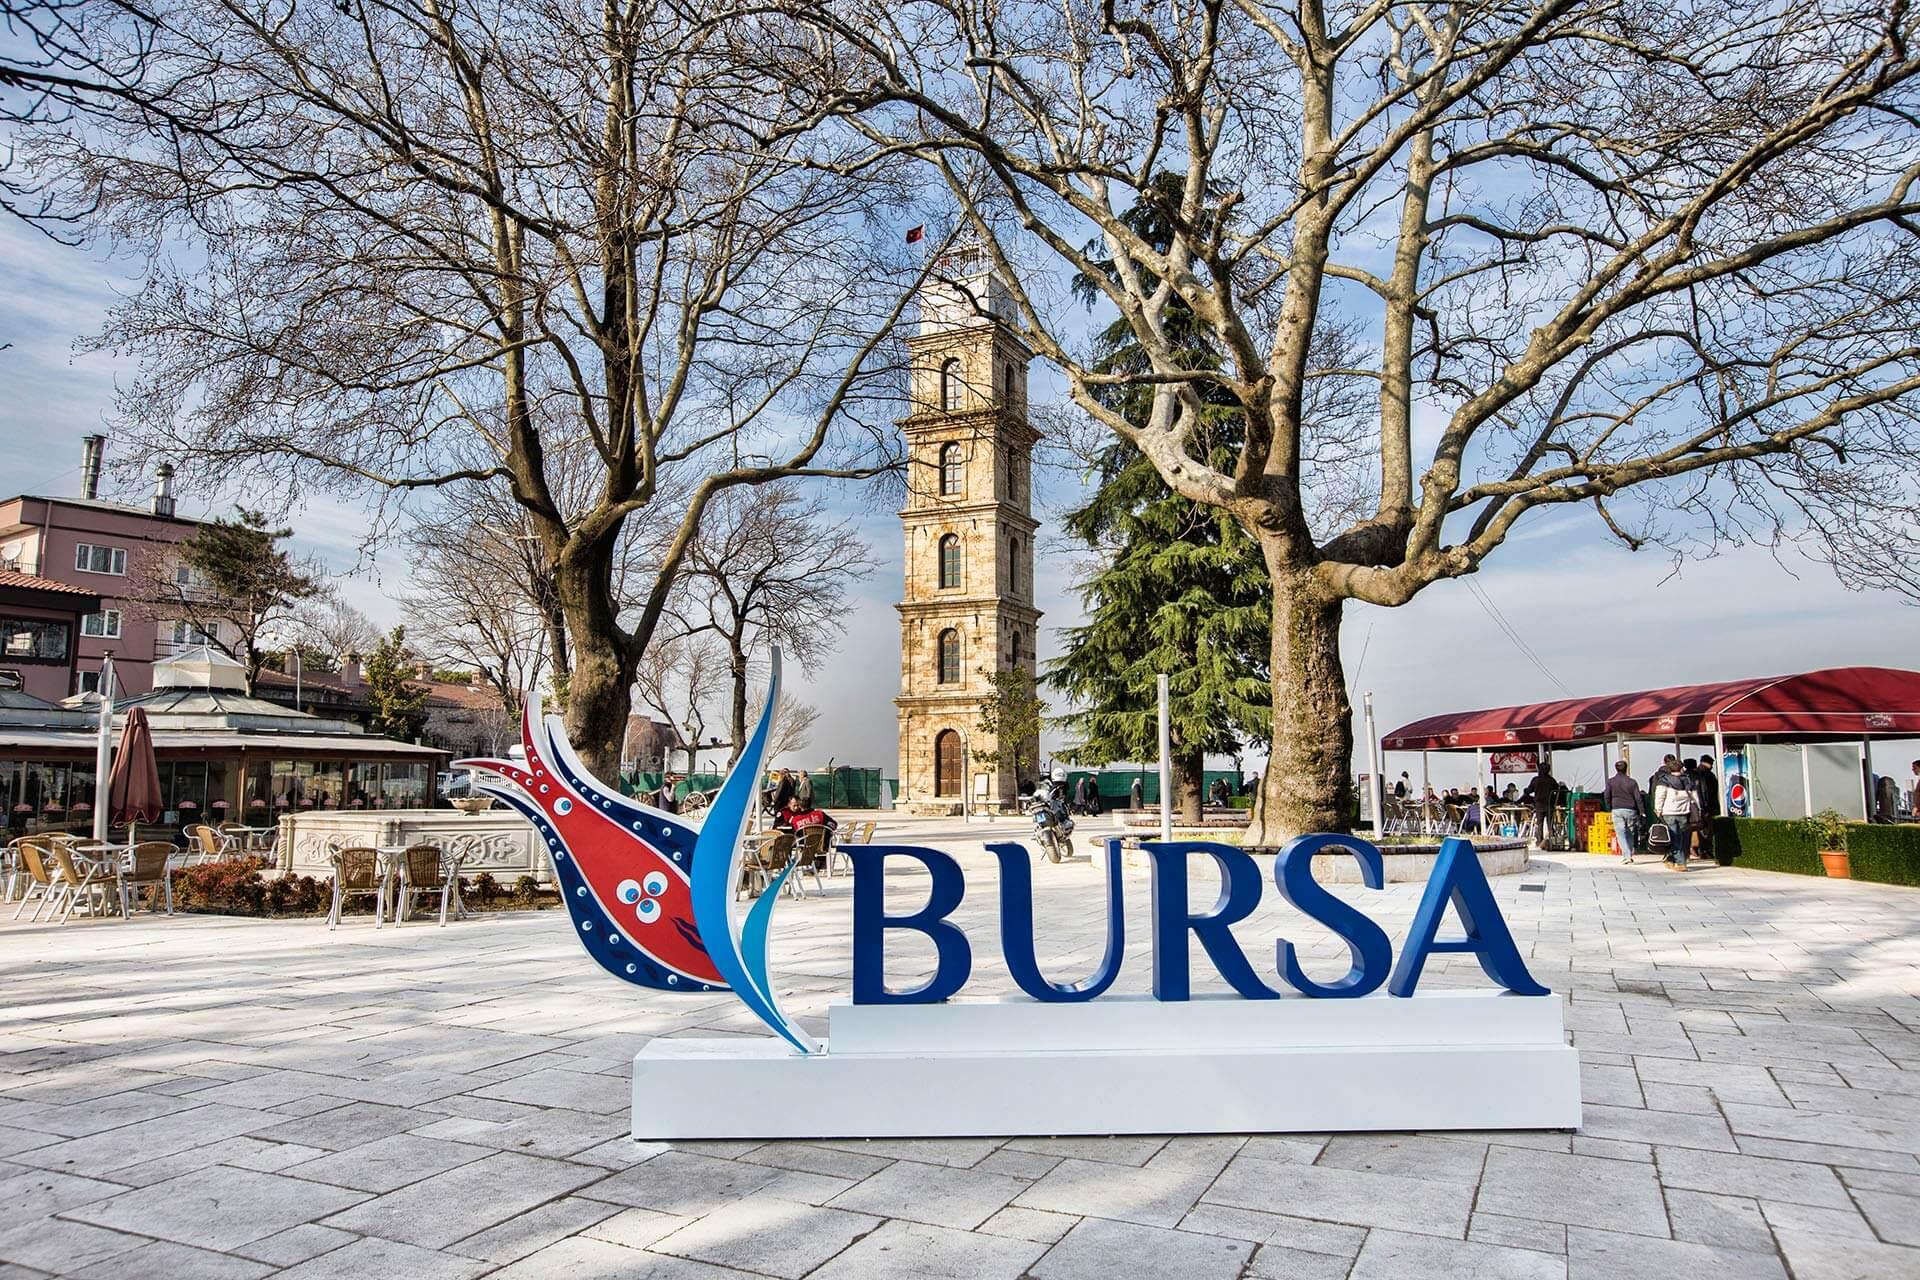 Bursa-Tophane Saat Kulesi